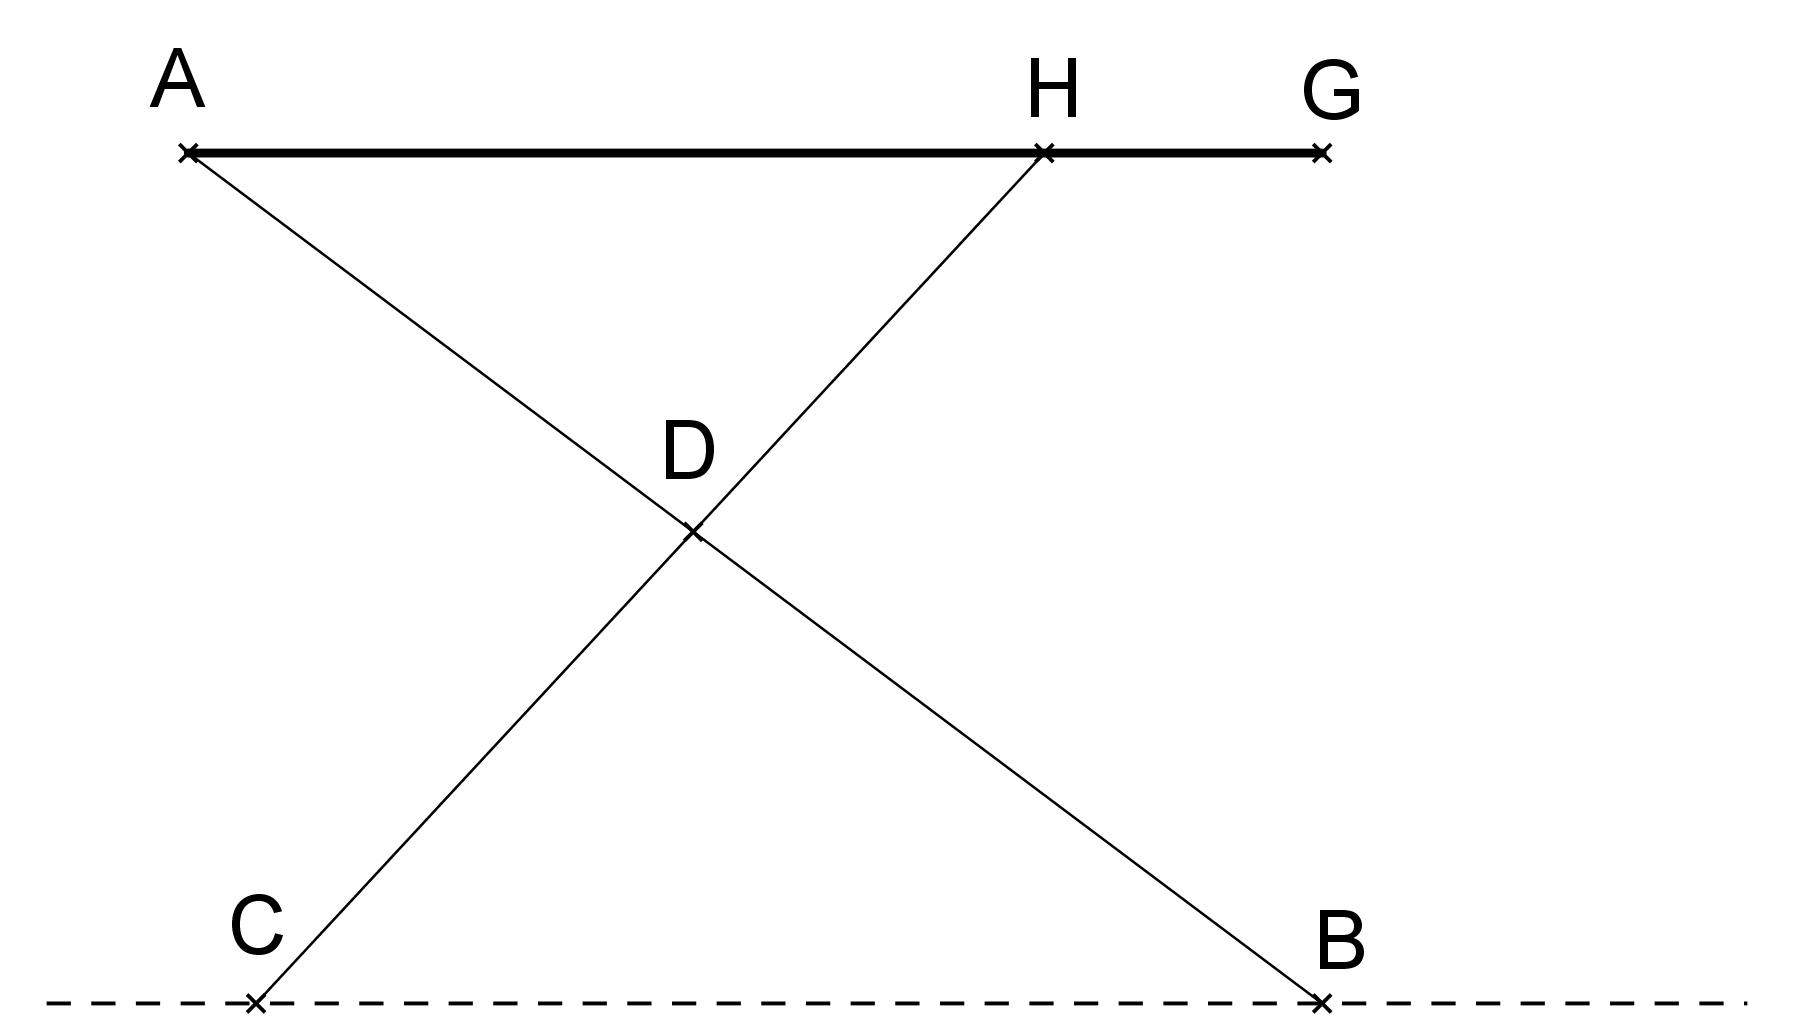 Exercice 7 Reciproque Du Theoreme De Thales Mathplace